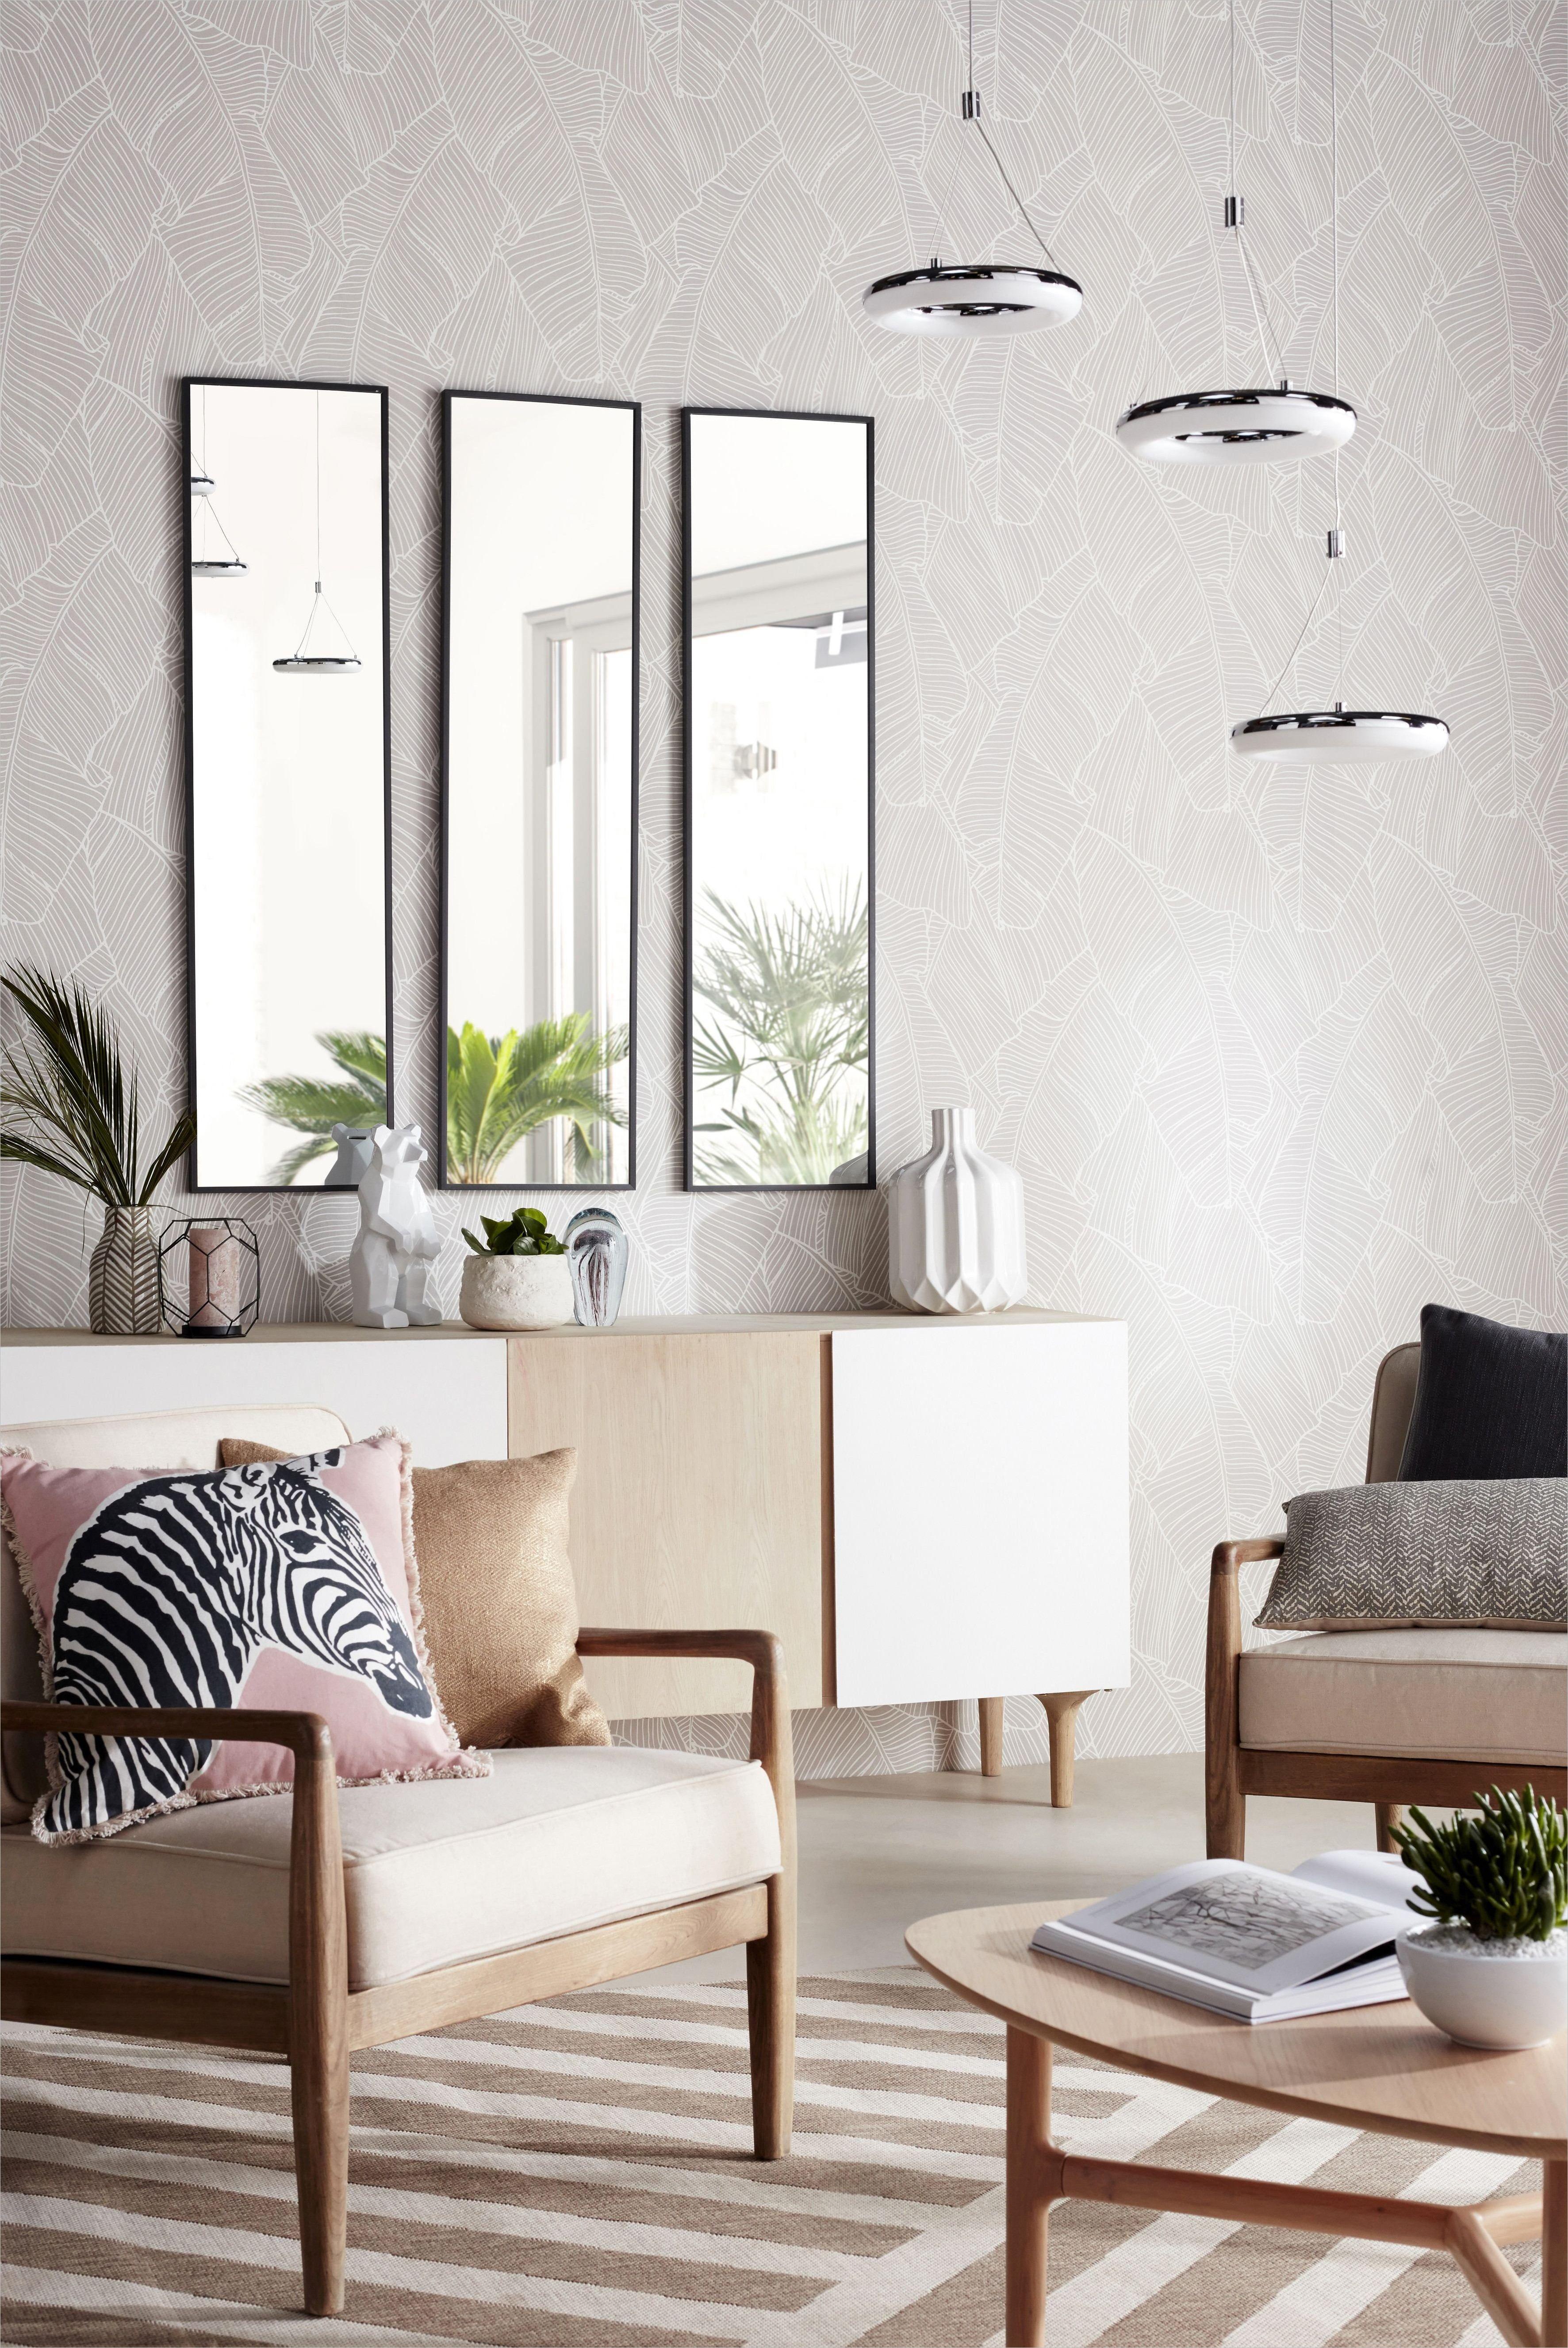 Miroir Deco Mural Salle A Manger In 2020 Home Decor Interior